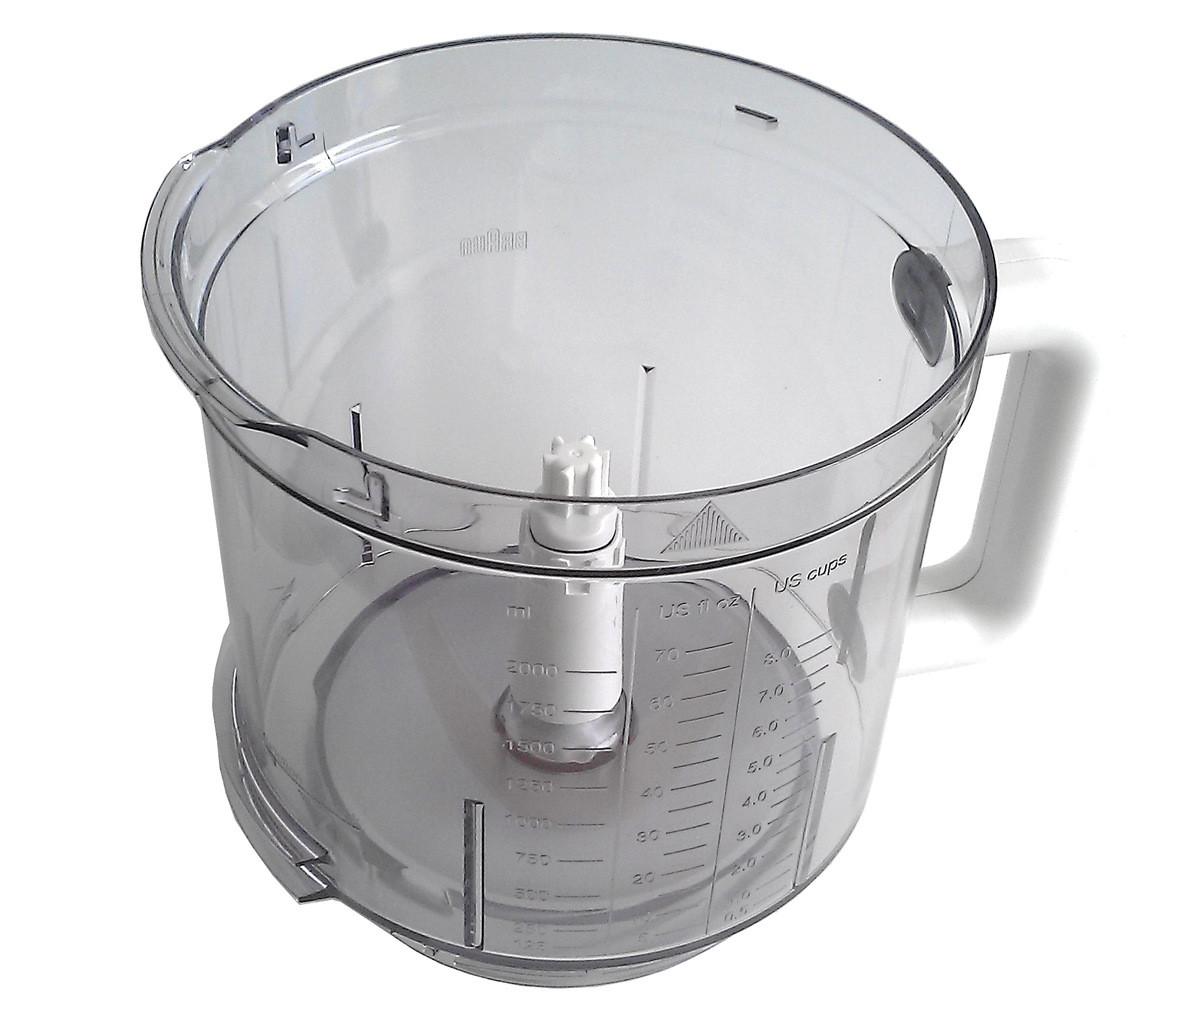 Чаша для кухонного комбайна Braun 2000ml 7322010204Чаша для кухонного комбайна Braun 2000ml 7322010204